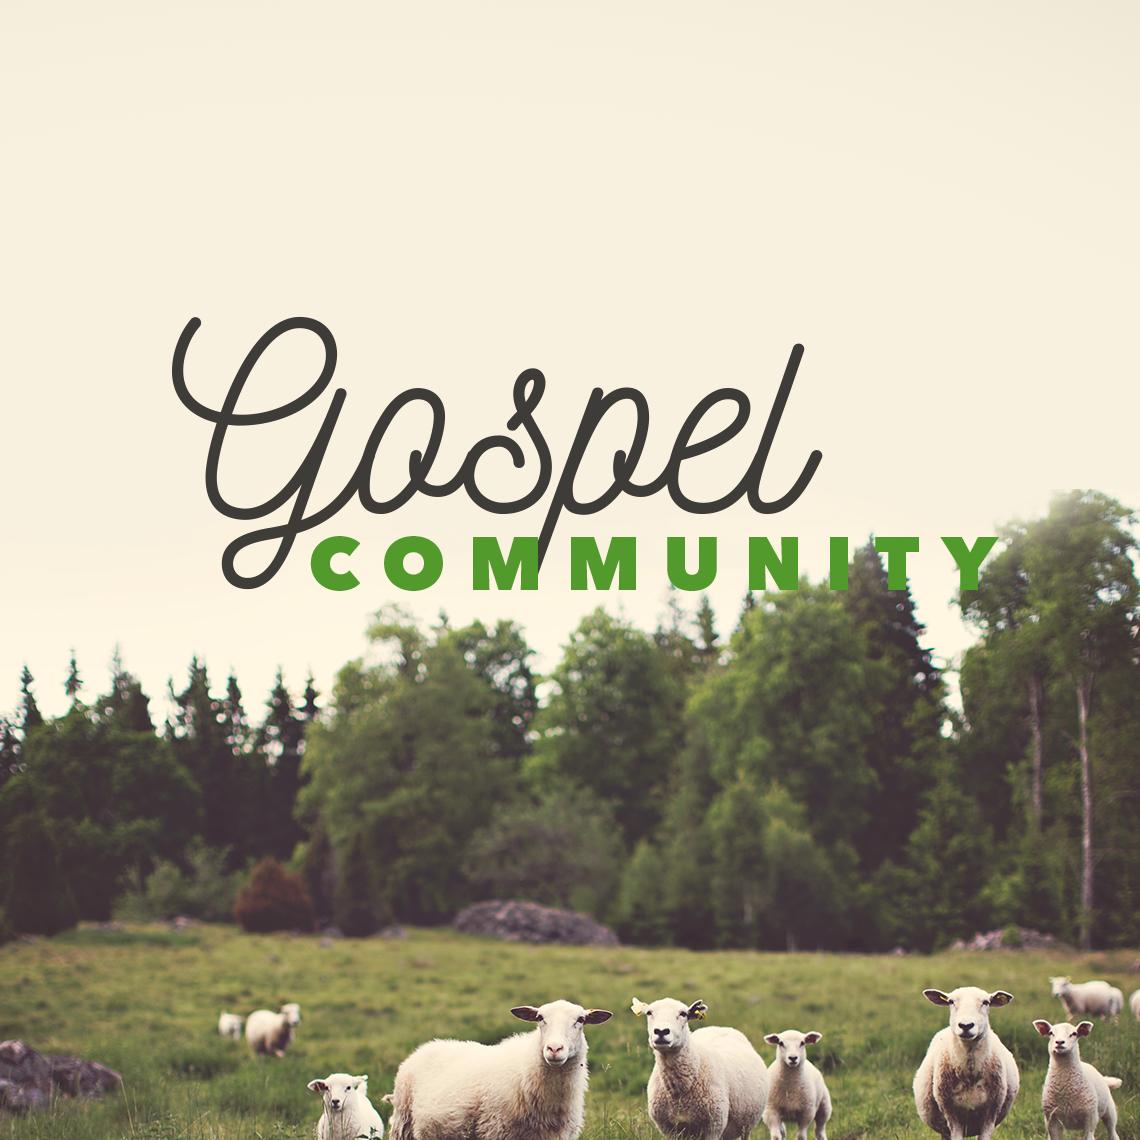 GospelCommunityAlbumArt.png